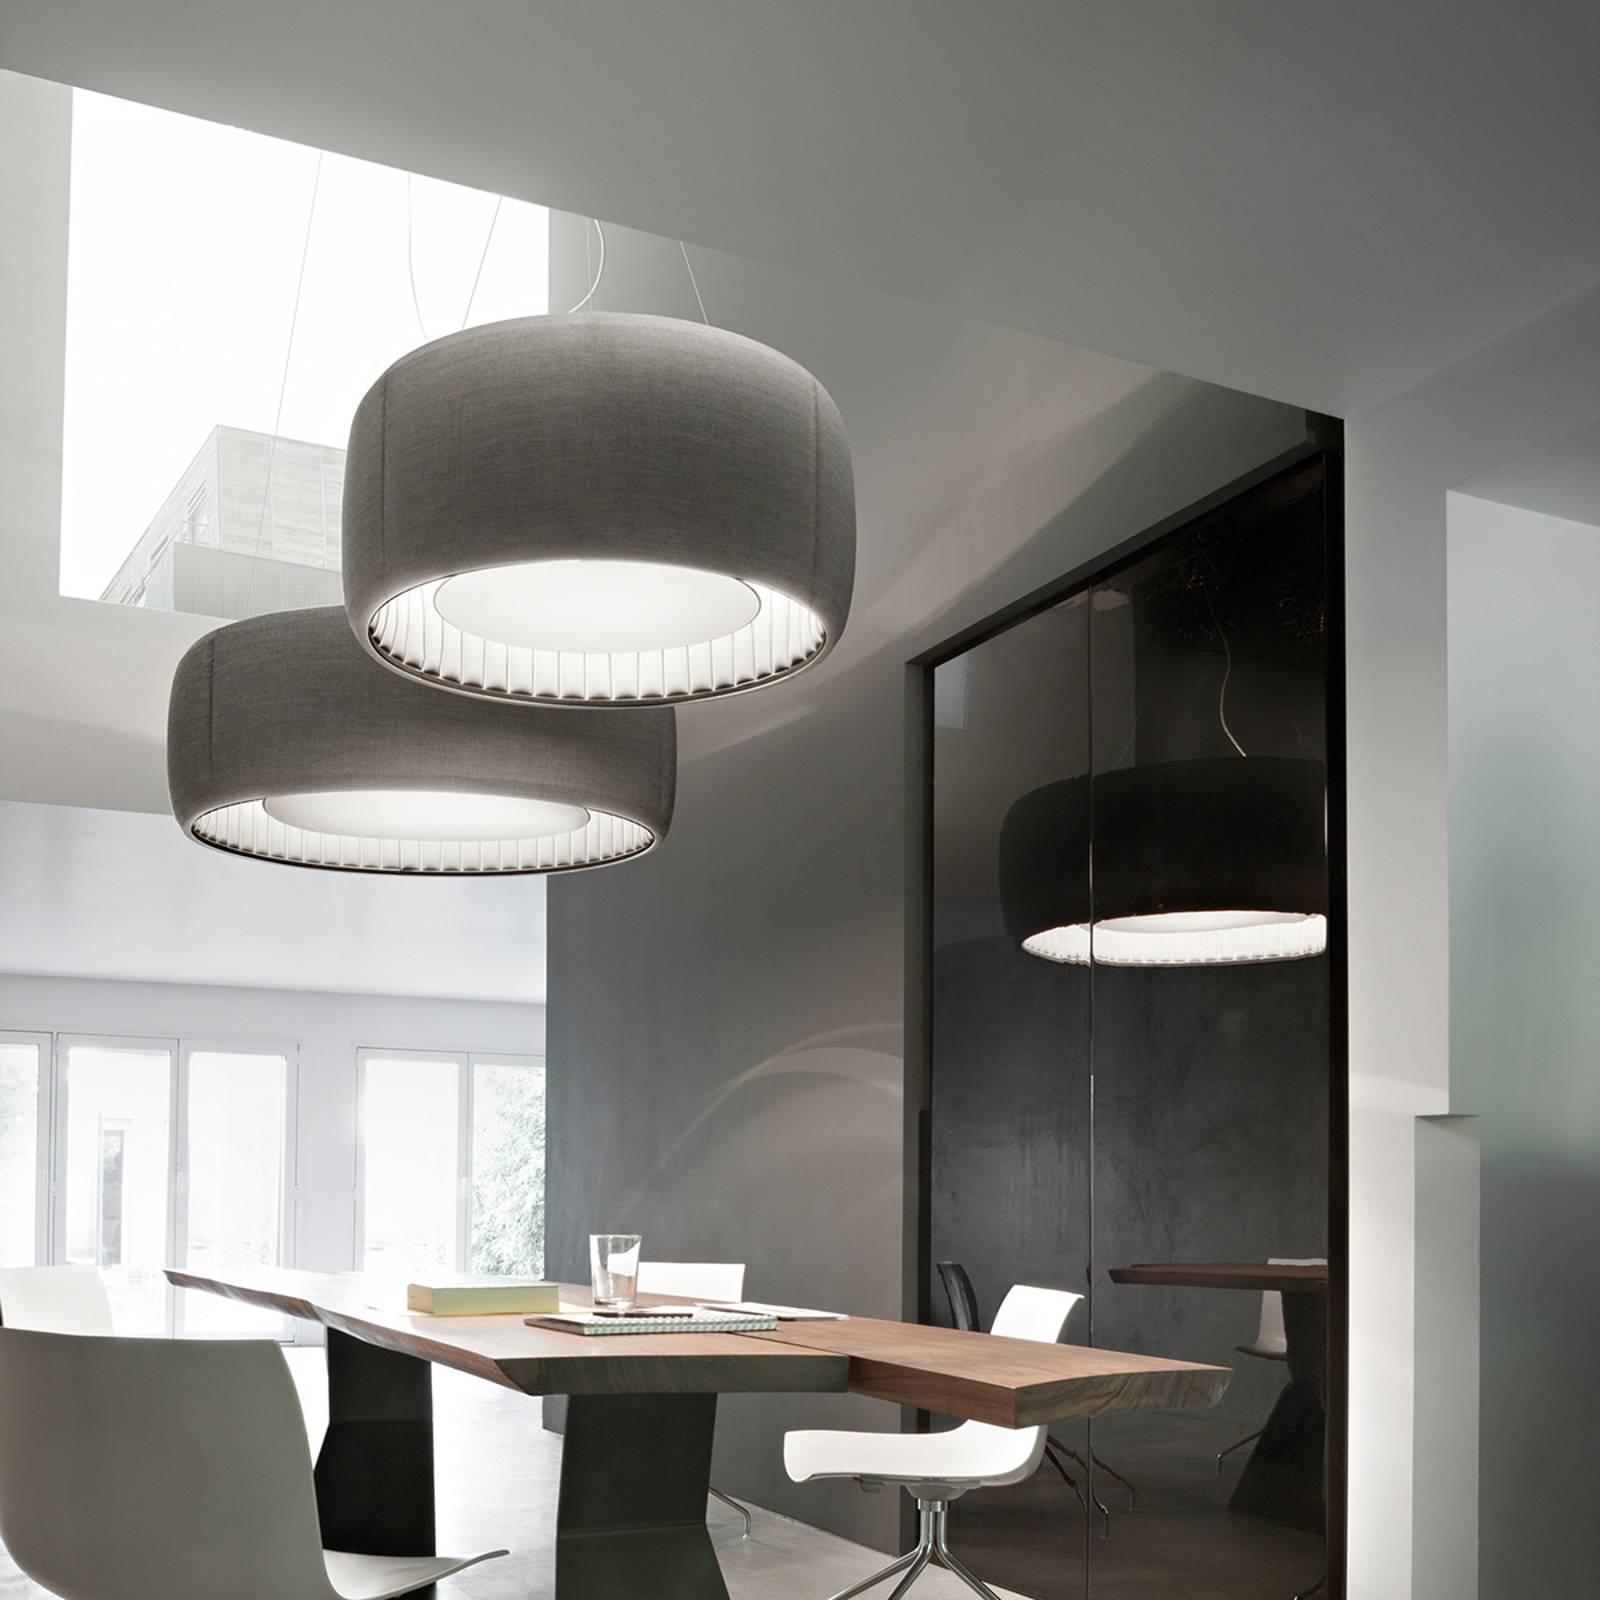 Luceplan Silenzio LED-riippuvalaisin harmaa Ø120cm